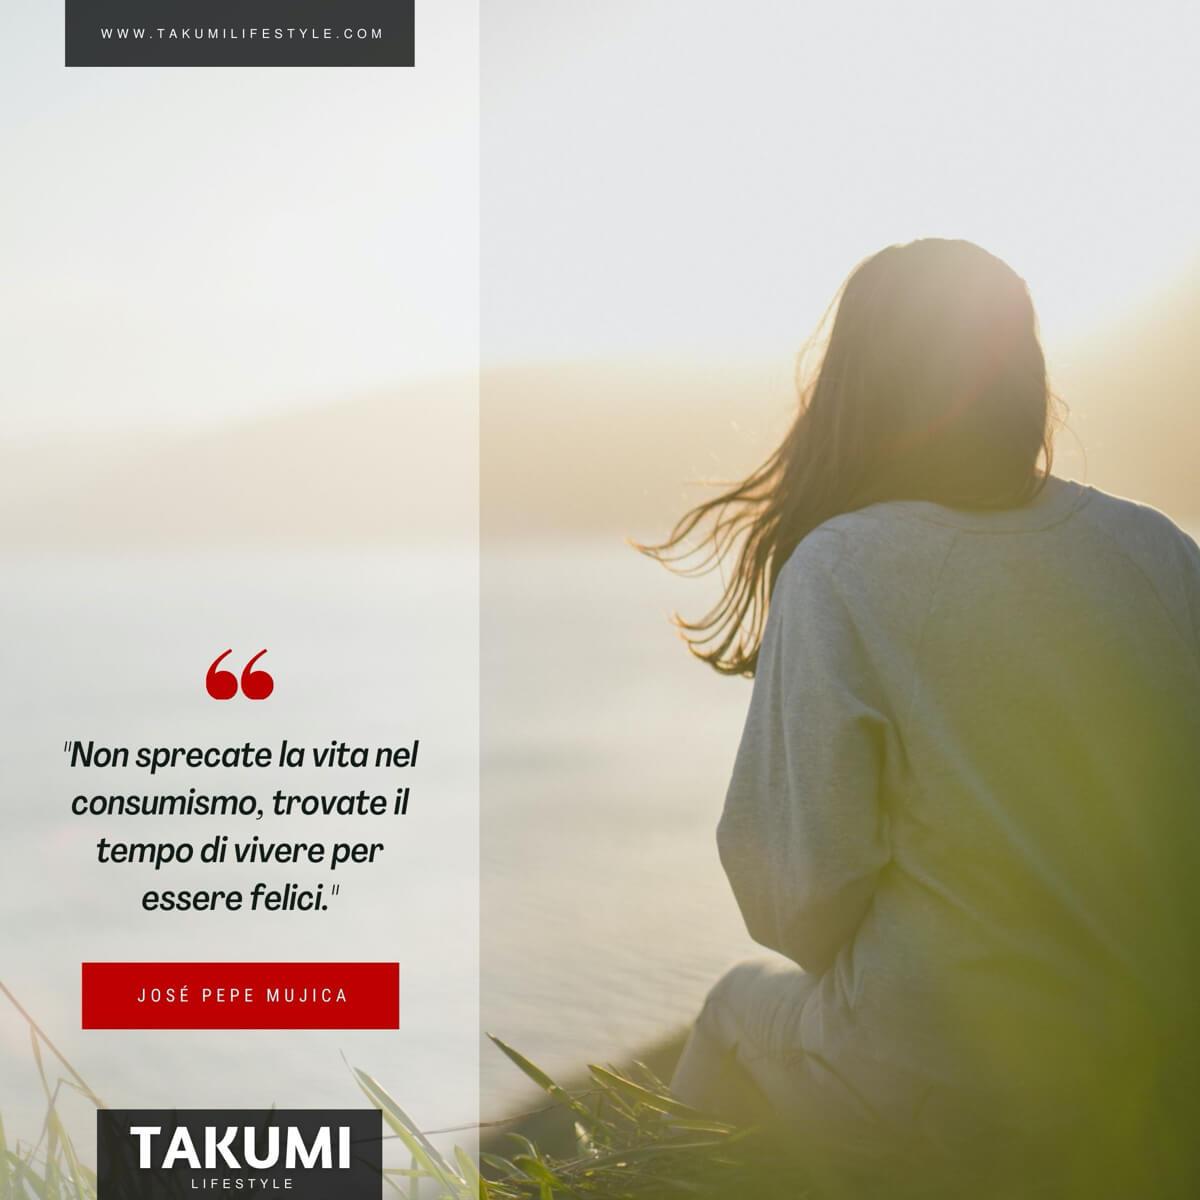 TAKUMI lifestyle -quote#19 - Pepe Mujica